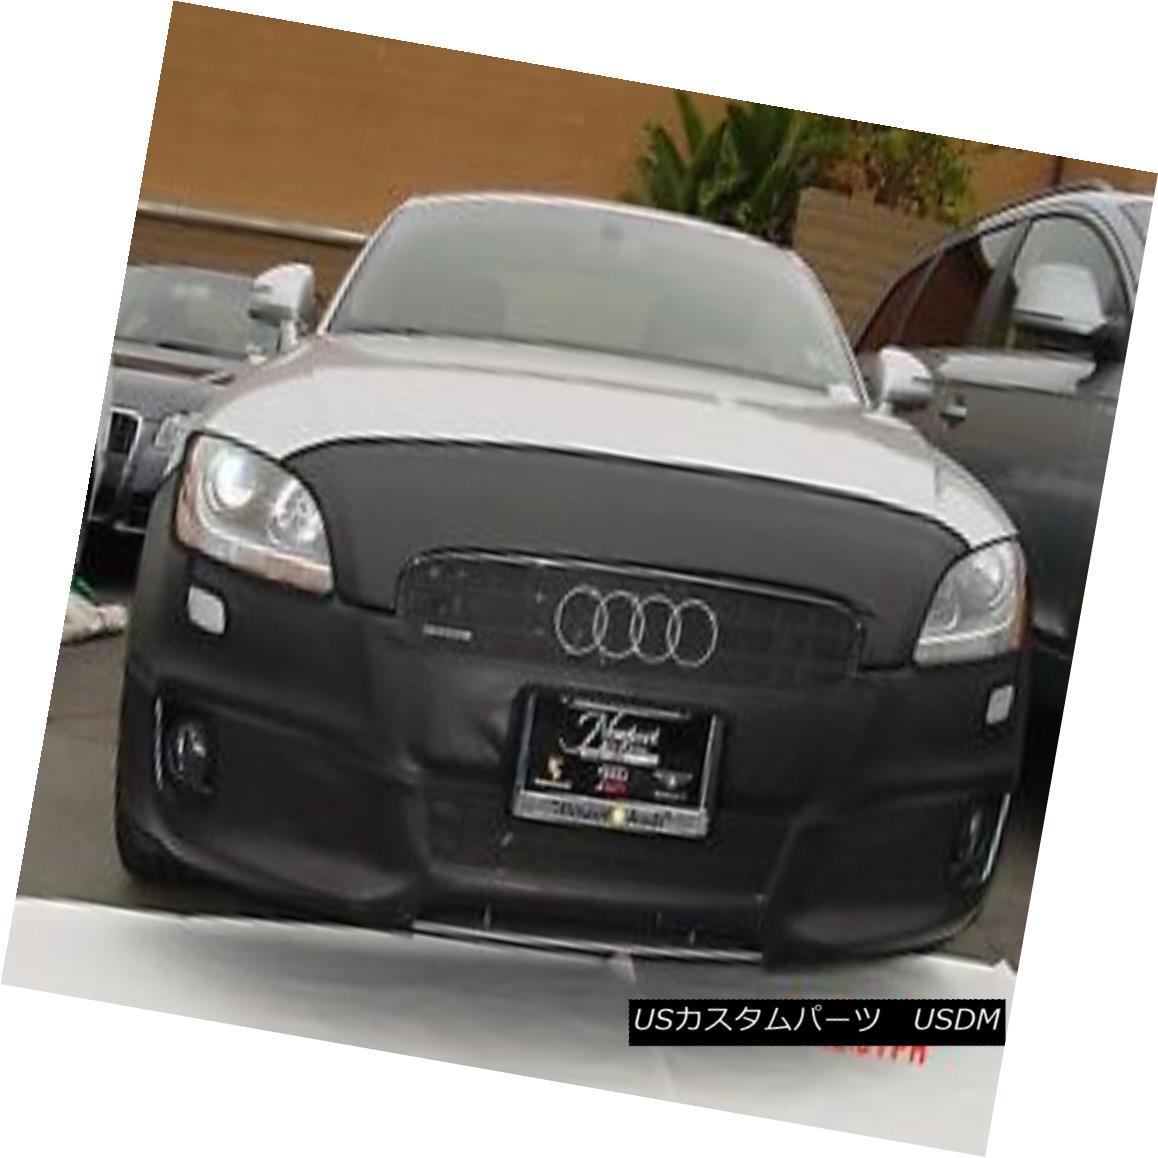 フルブラ ノーズブラ Colgan Front End Mask Bra 2pc. Fits Audi TT 2008-2012 W/Lic.Plate,HL Washer  コルガンフロントエンドマスクブラ2pc Audi TT 2008-2012 W / Lic.Plate、HL Washerに適合